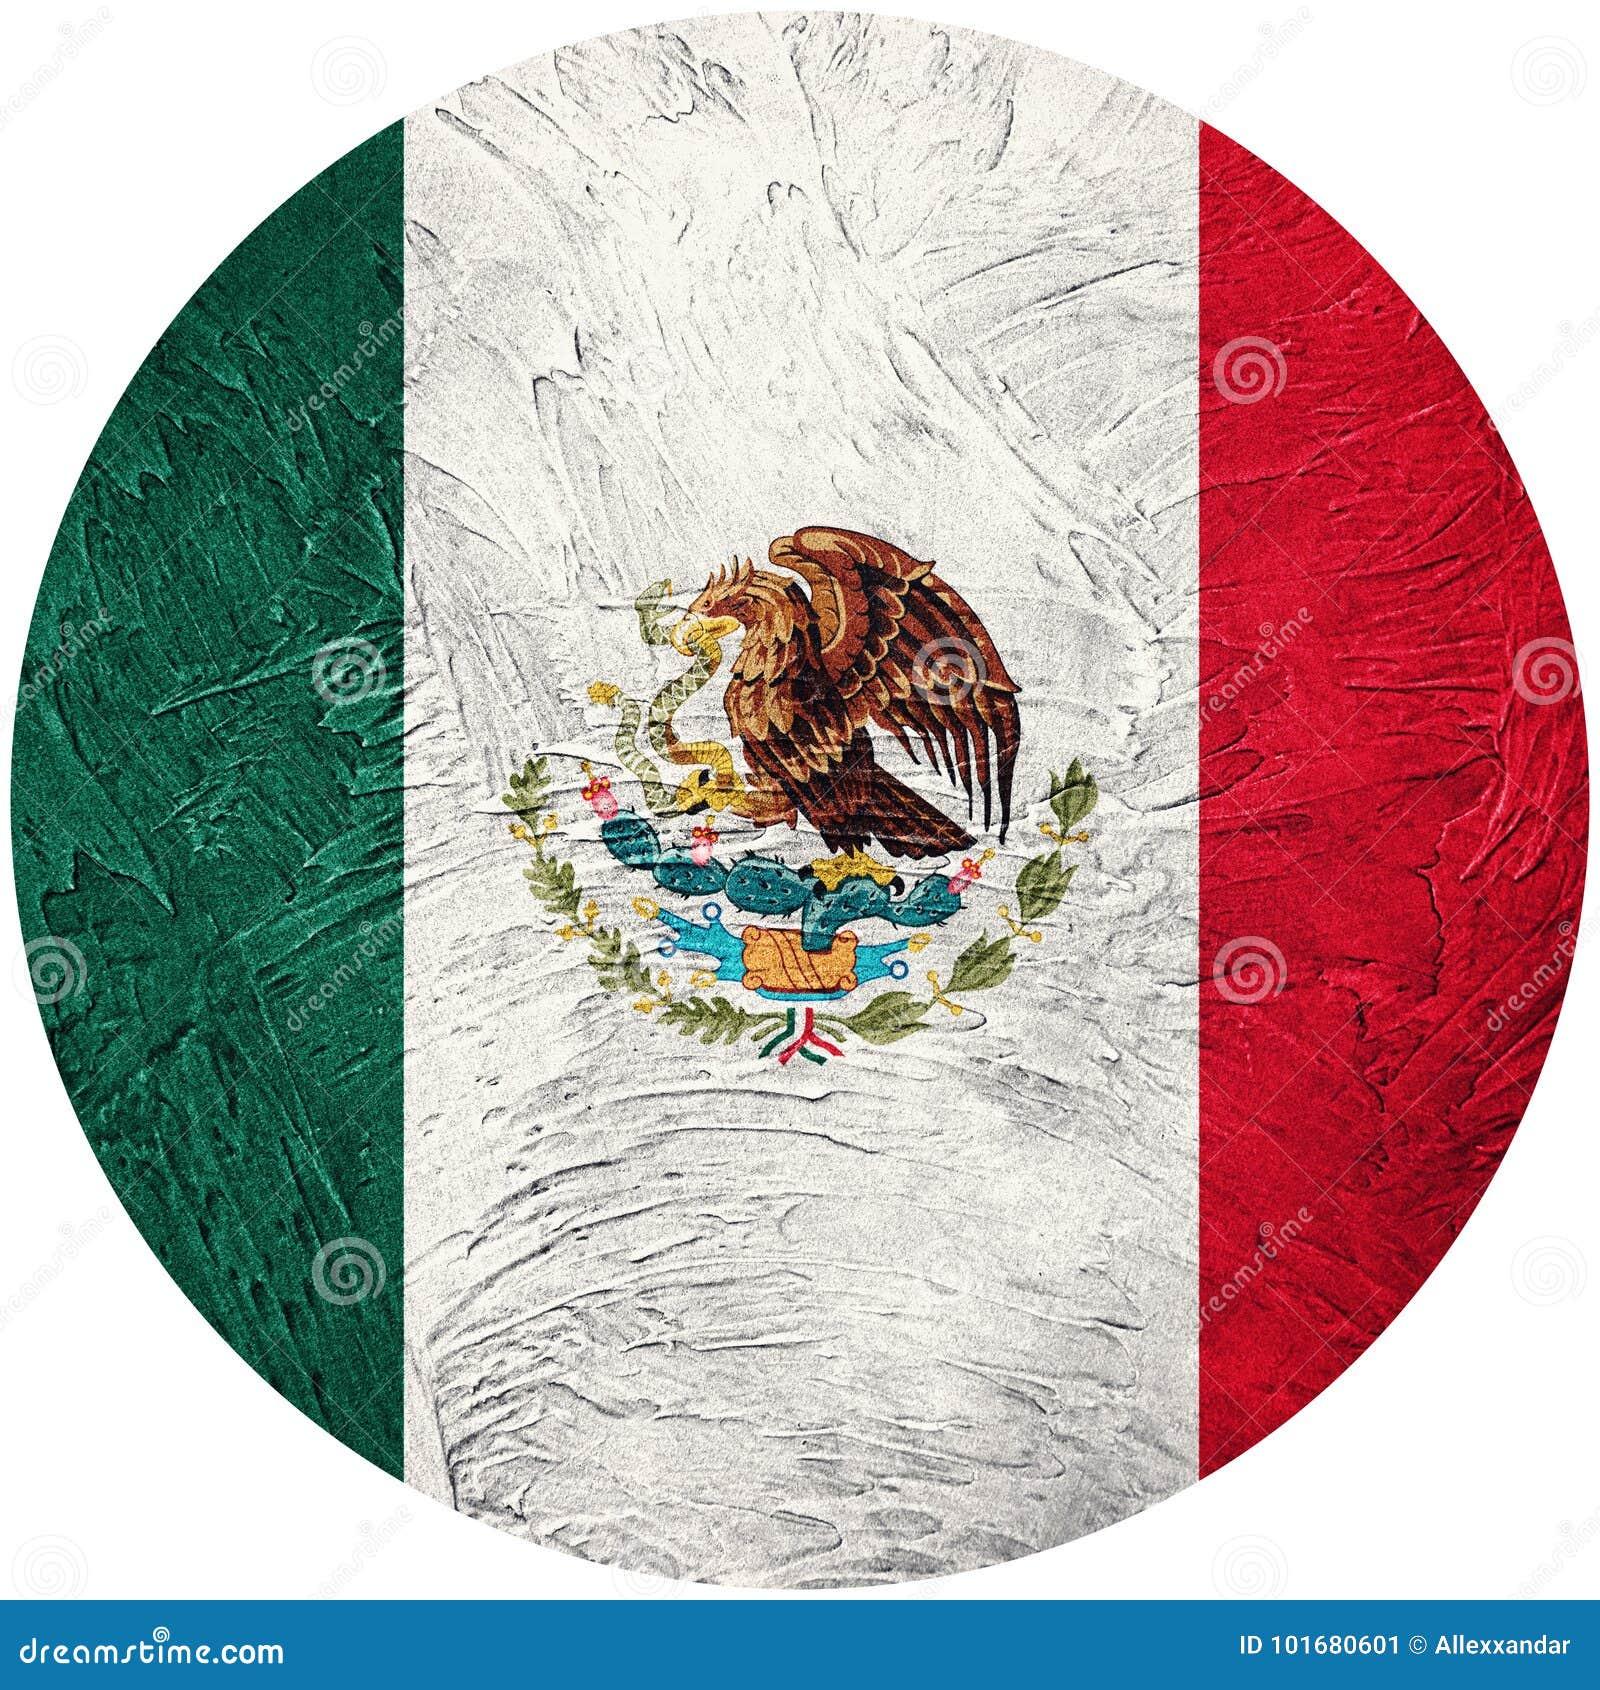 Berühmt Mexiko Flagge Symbol Malvorlagen Bilder - Beispiel ...